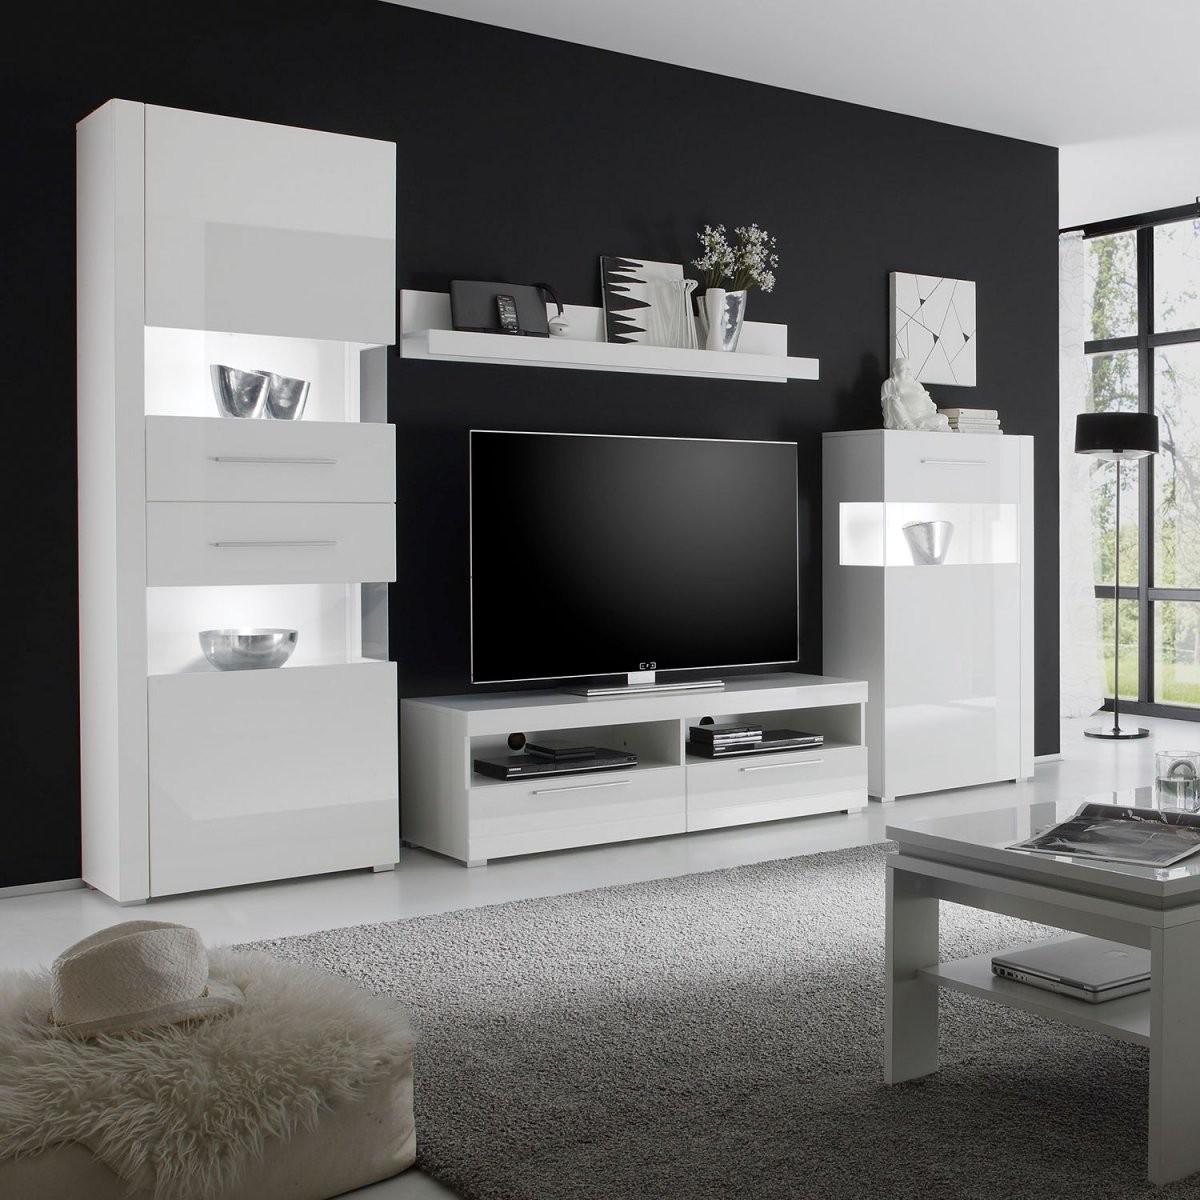 Jetzt Bei Home24 Wohnwand Von Modoform  Home24At von Roller Wohnwand Weiß Hochglanz Bild